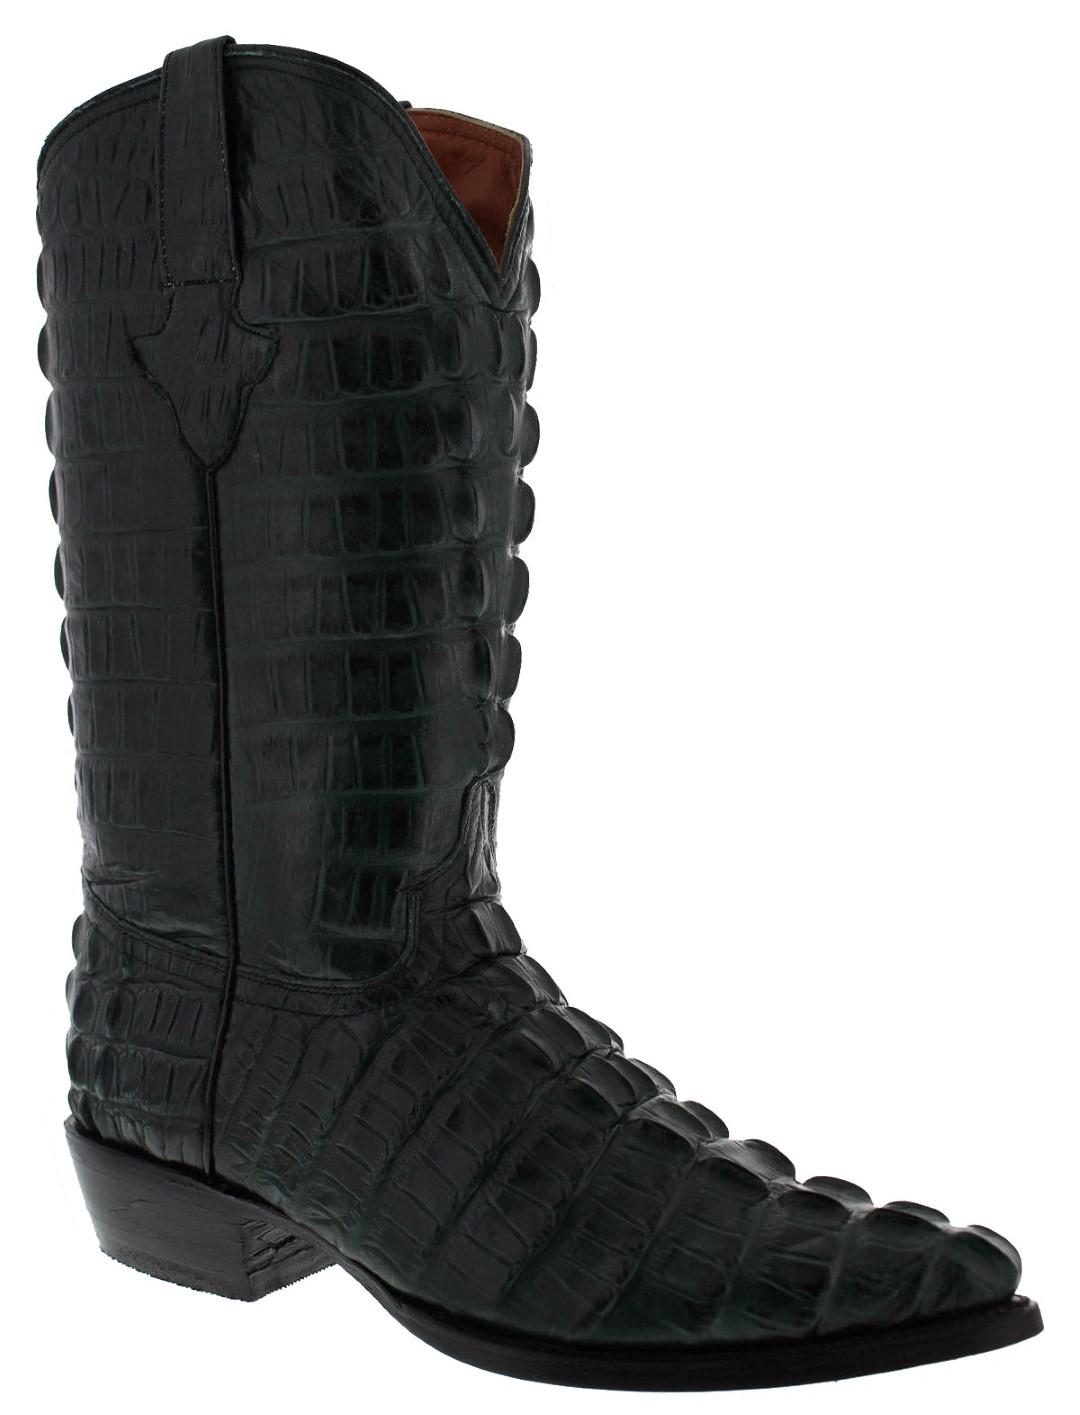 67599dba841 Mens Green Full Alligator Print Leather Cowboy Boots Western Wear ...